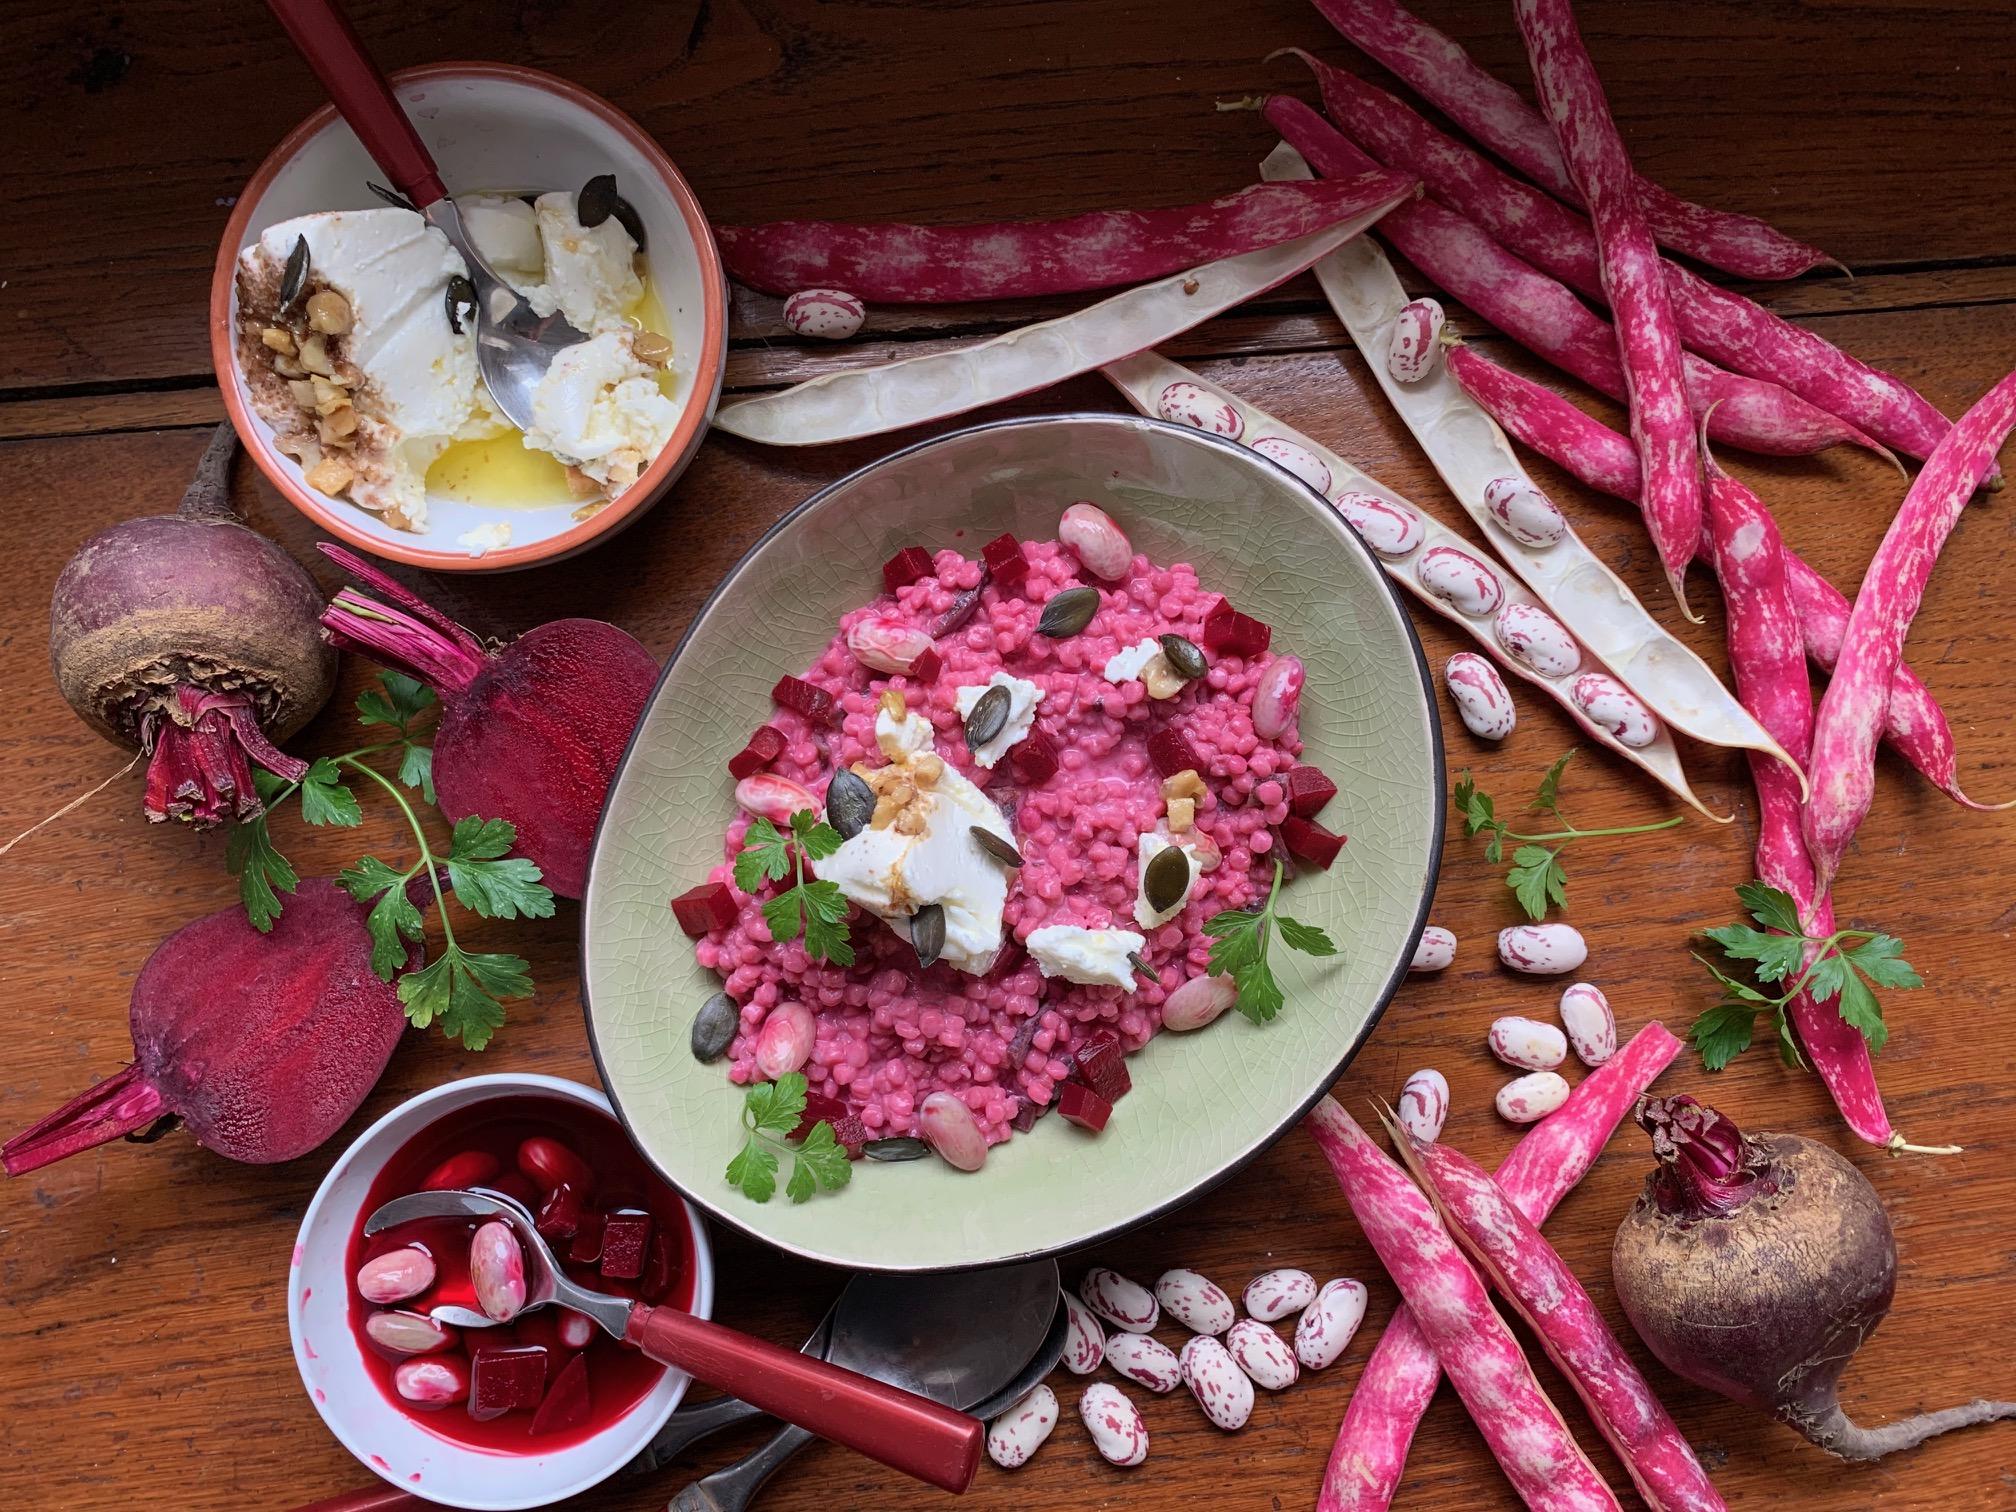 Rote Beete Riebele mit Bohnen und angemachtem Frischkäse